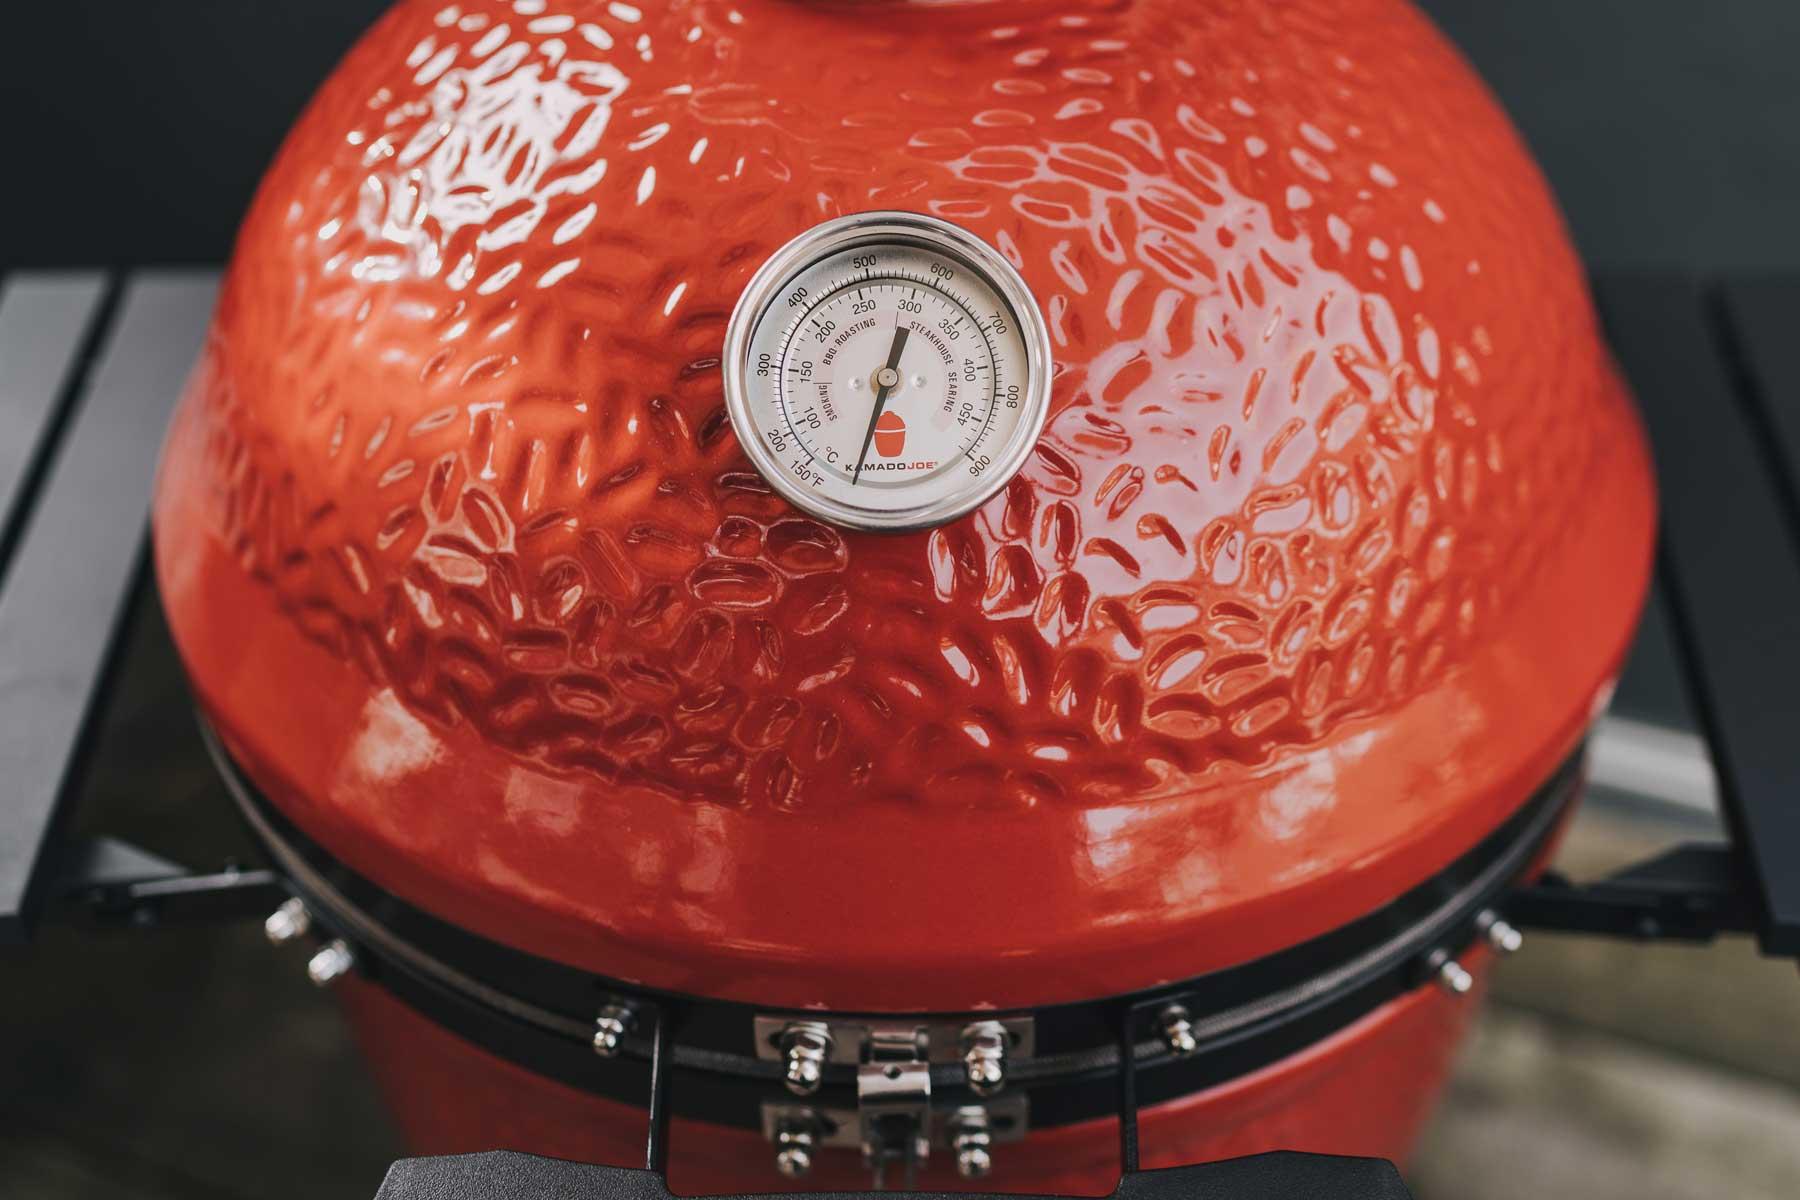 Das Deckelthermometer des Keramikgrills ist sehr genau